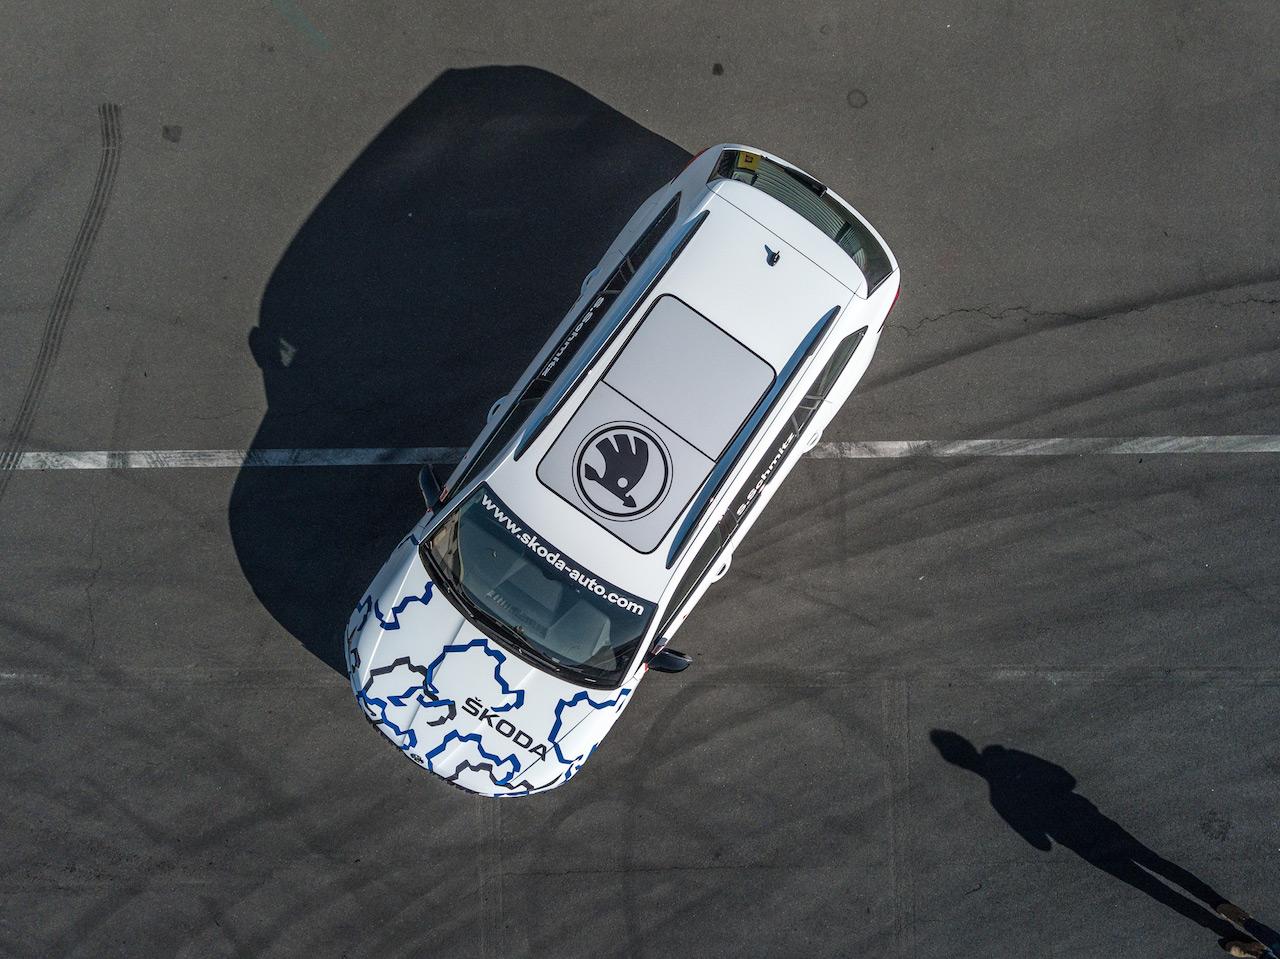 Skoda Kodiaq RS (Skoda Kodiaq vRS) roof aerial view teaser